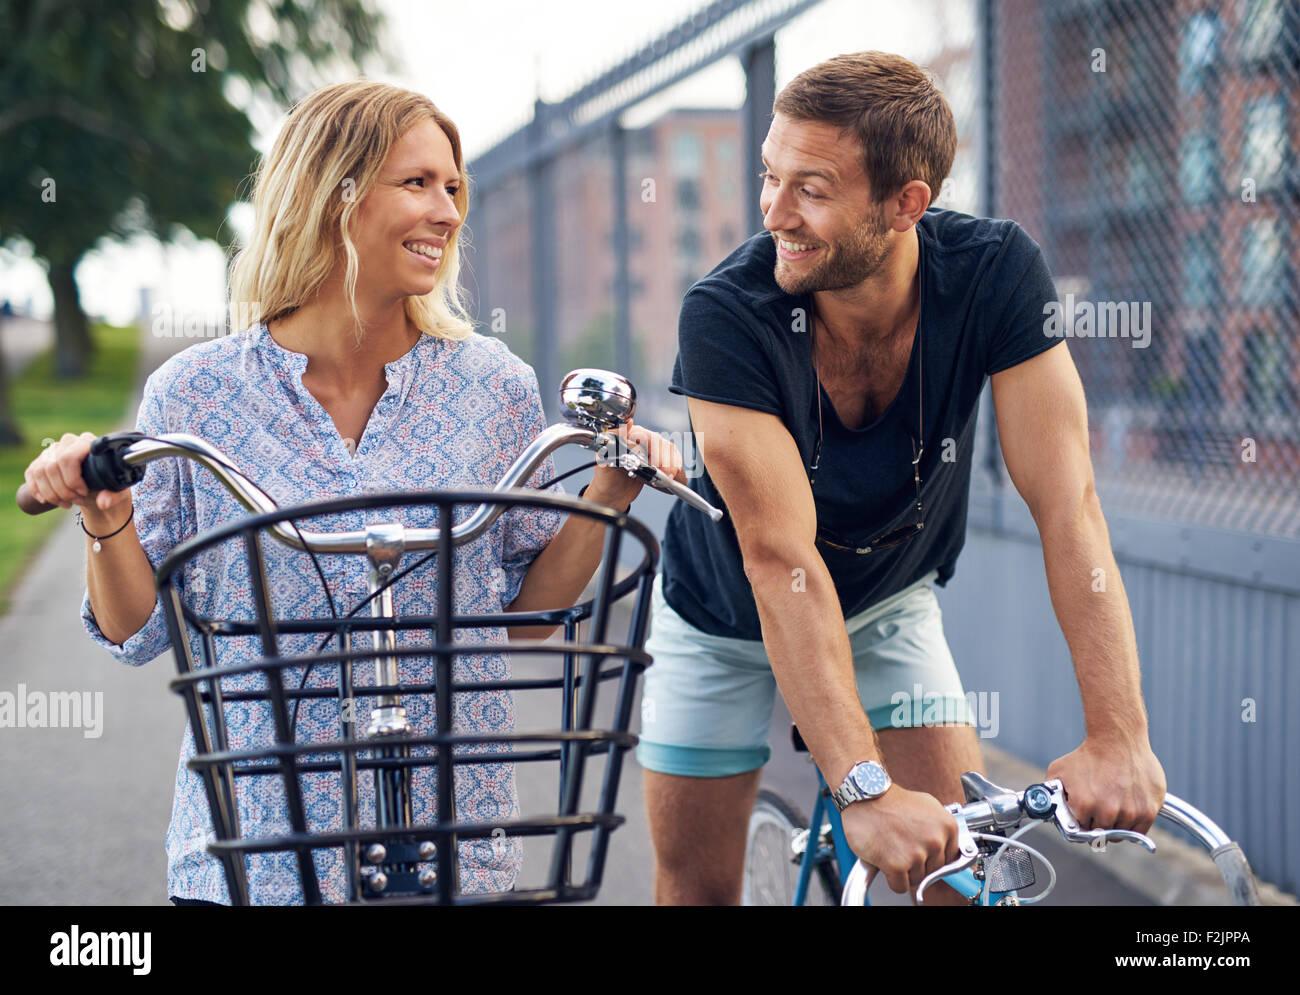 Junges Paar, wie sie in einer städtischen Straße auf ihren Fahrrädern lächelnd und jede andere Stockbild